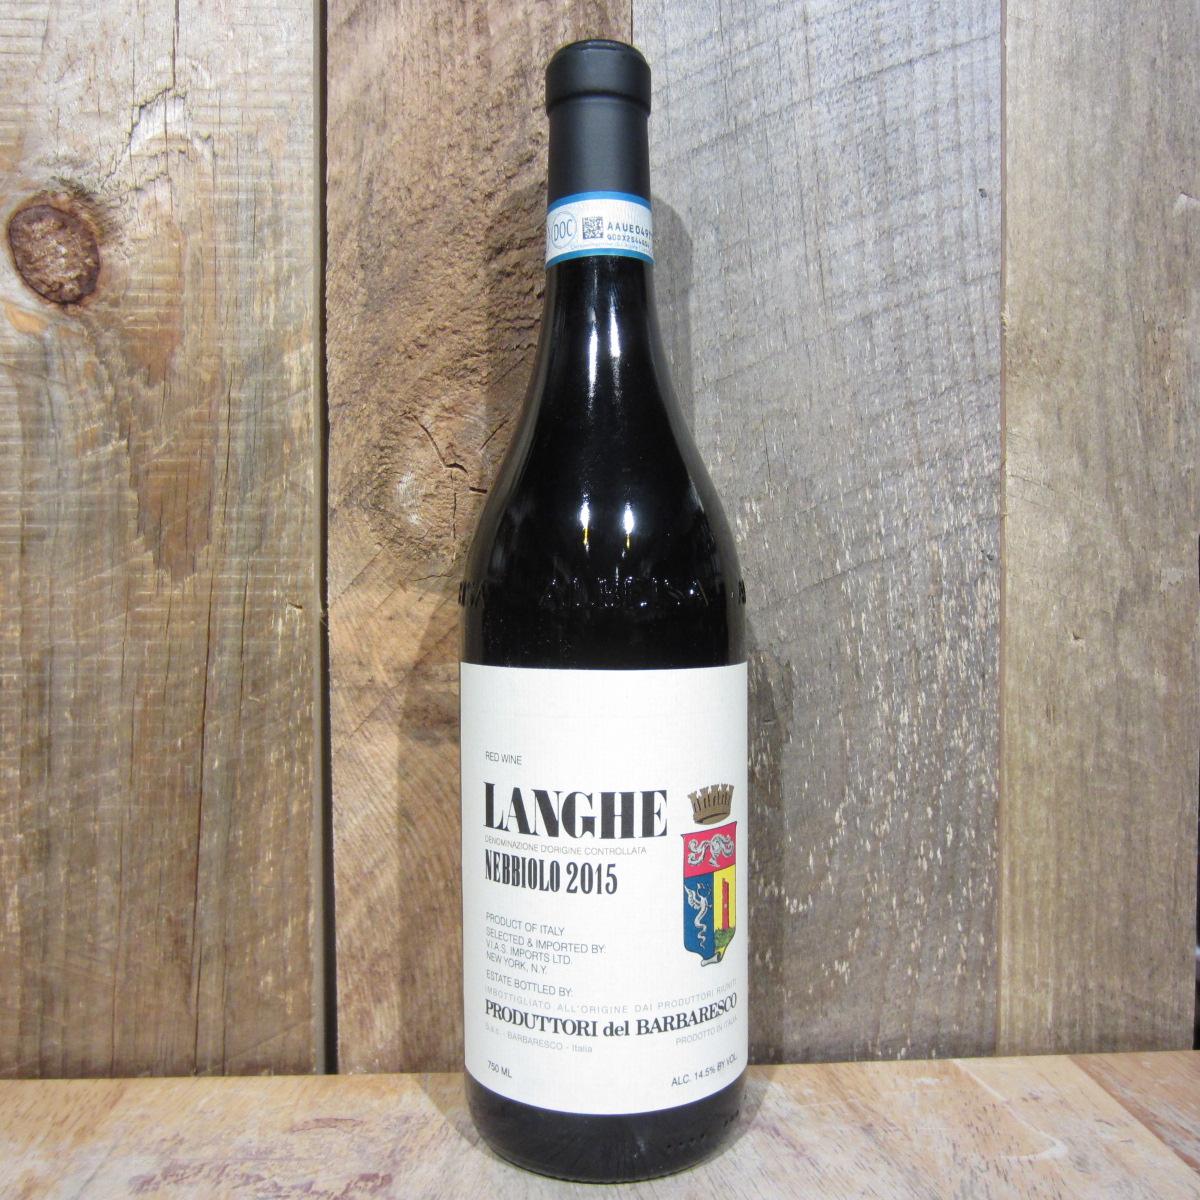 Produttori del Barbaresco Langhe Nebbiolo 2019 750ml